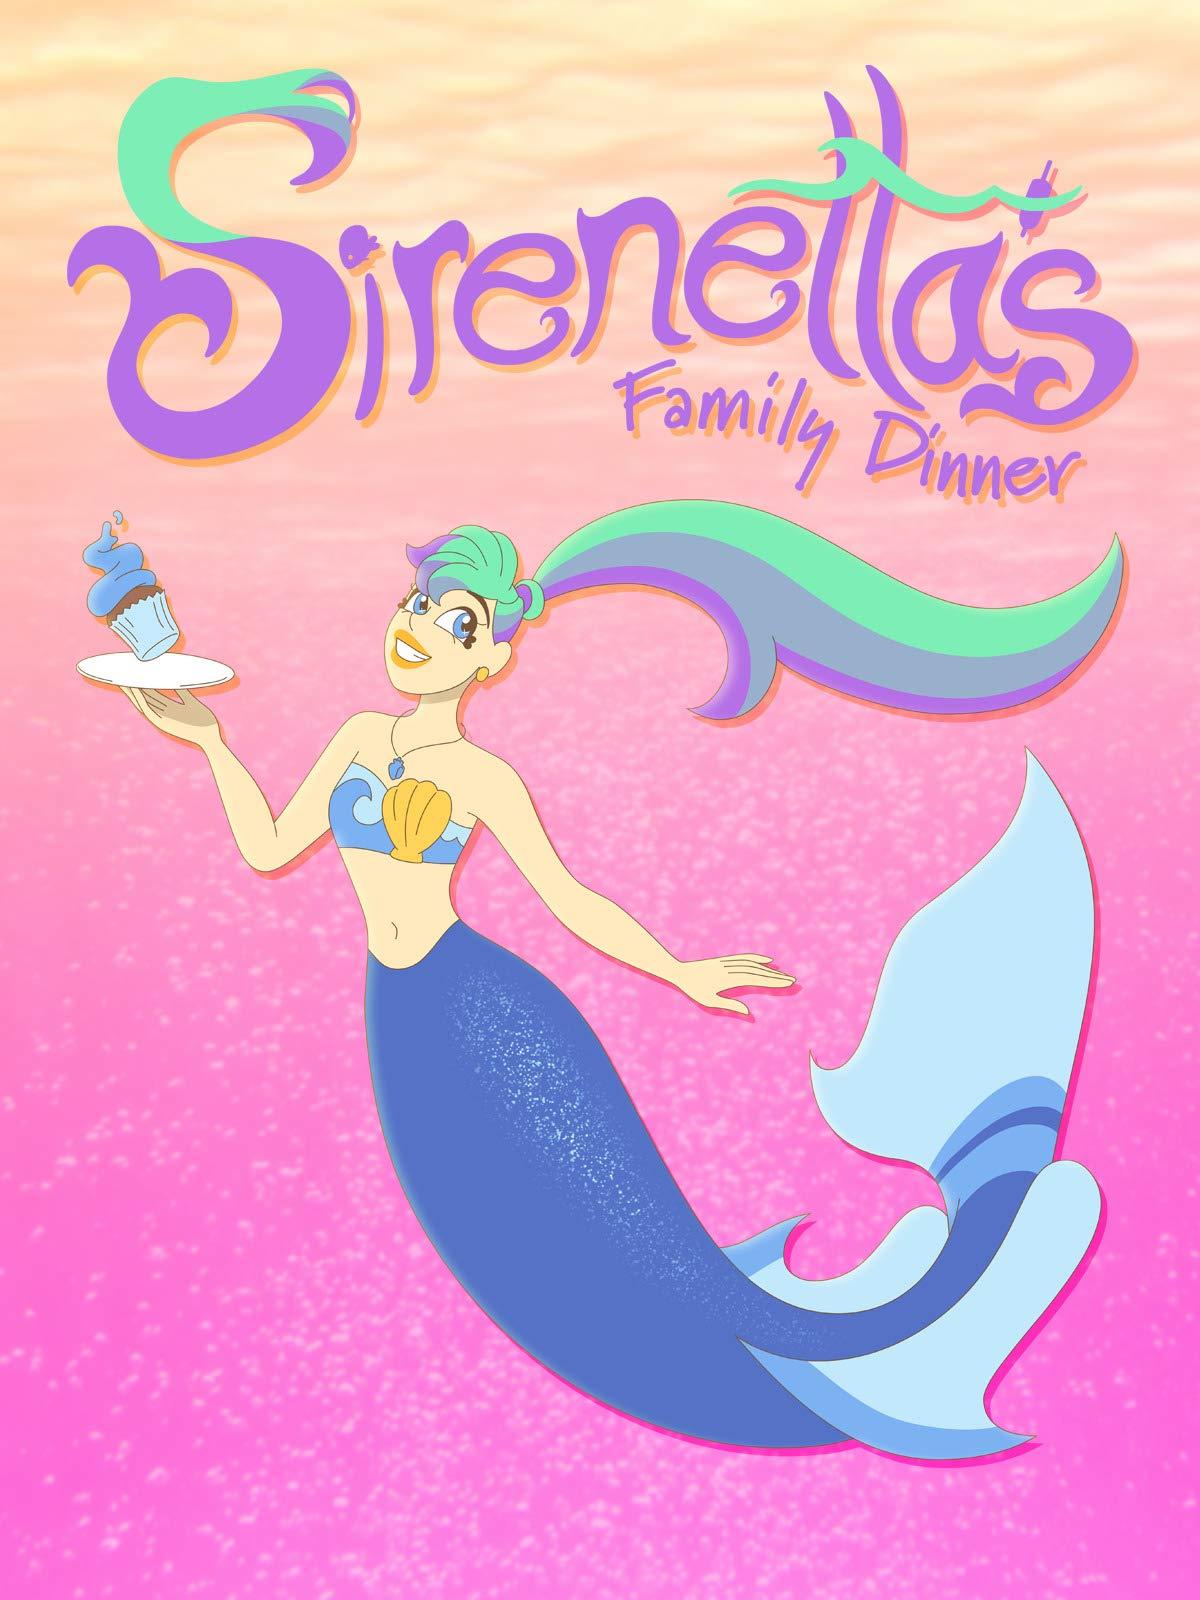 Sirenetta's Family Dinner